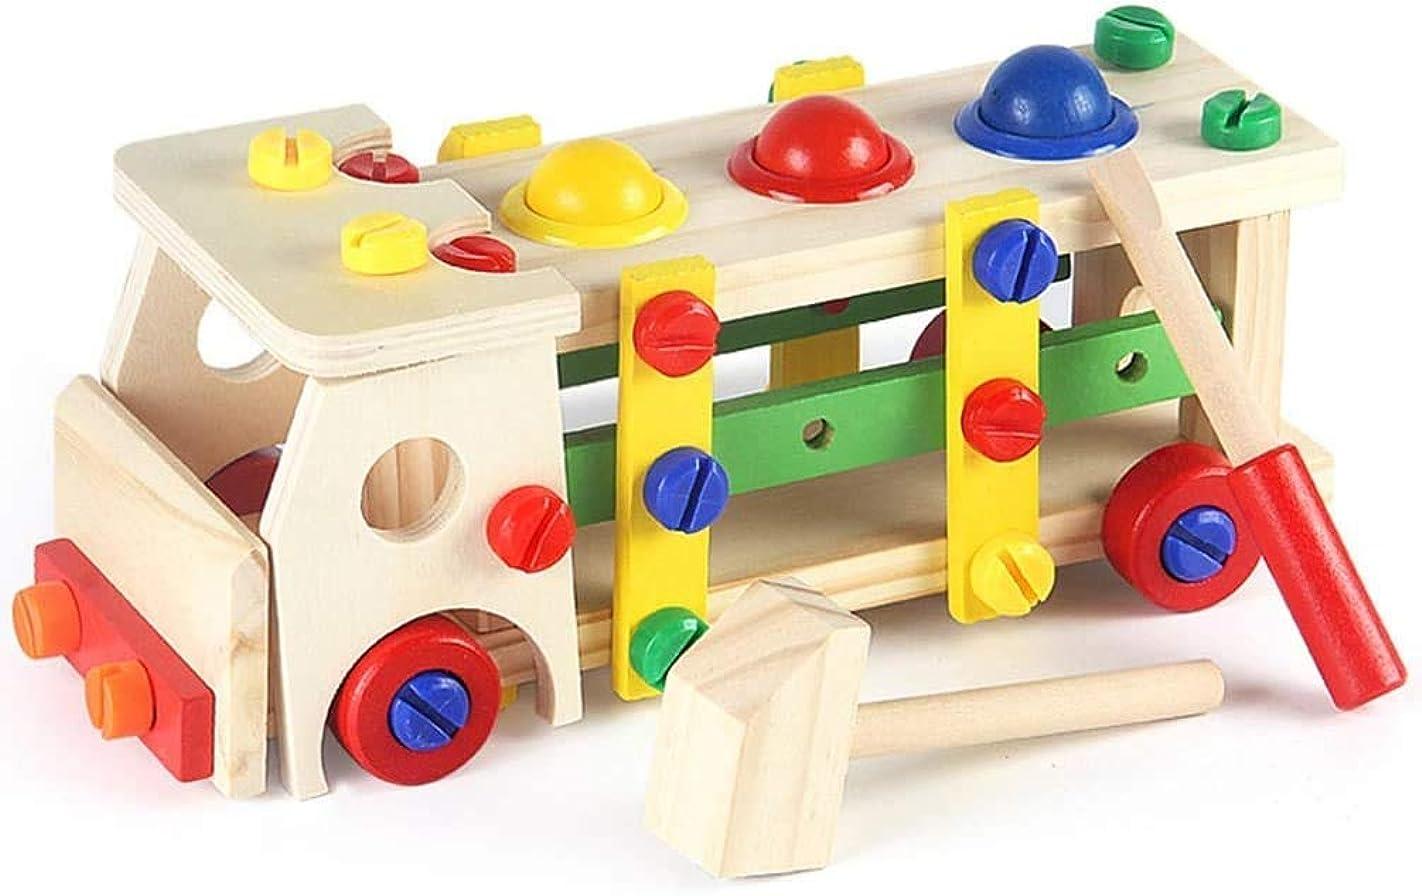 雰囲気広告ファセット大工さん | 大工さん ツール エンジニアになる 組み立て 玩具 木製 ねじ回し/ハンマーなど 工具ごっこ遊び おままごと 早期開発 子供 キッズ トイ DIY セット 3歳/4歳/5歳/6歳